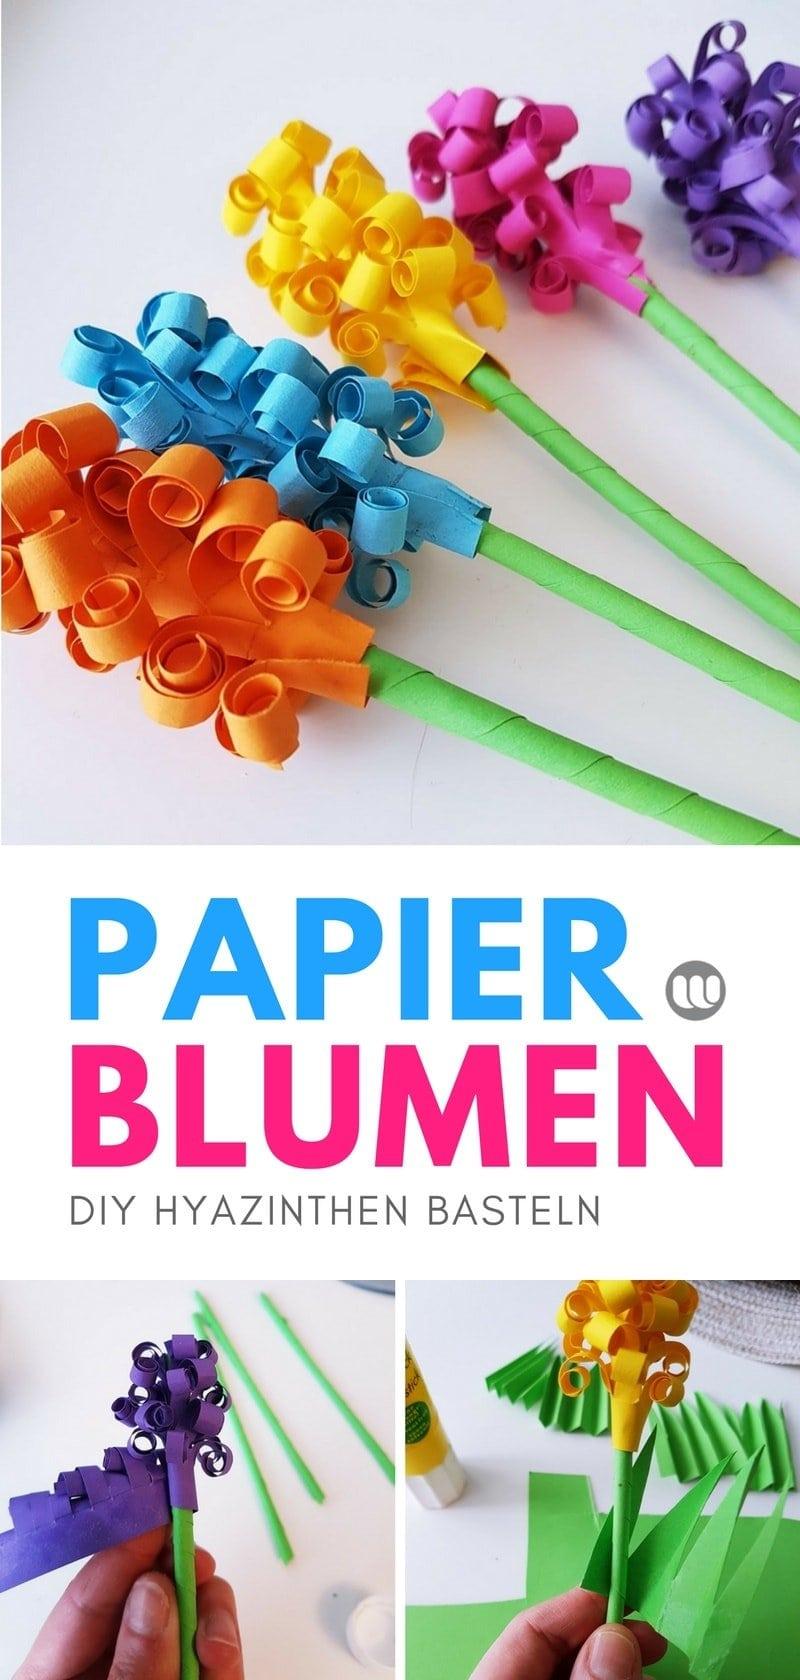 Hyazinthen Blumen aus Papier basteln: DIY Papierblumen für den Frühling selber machen